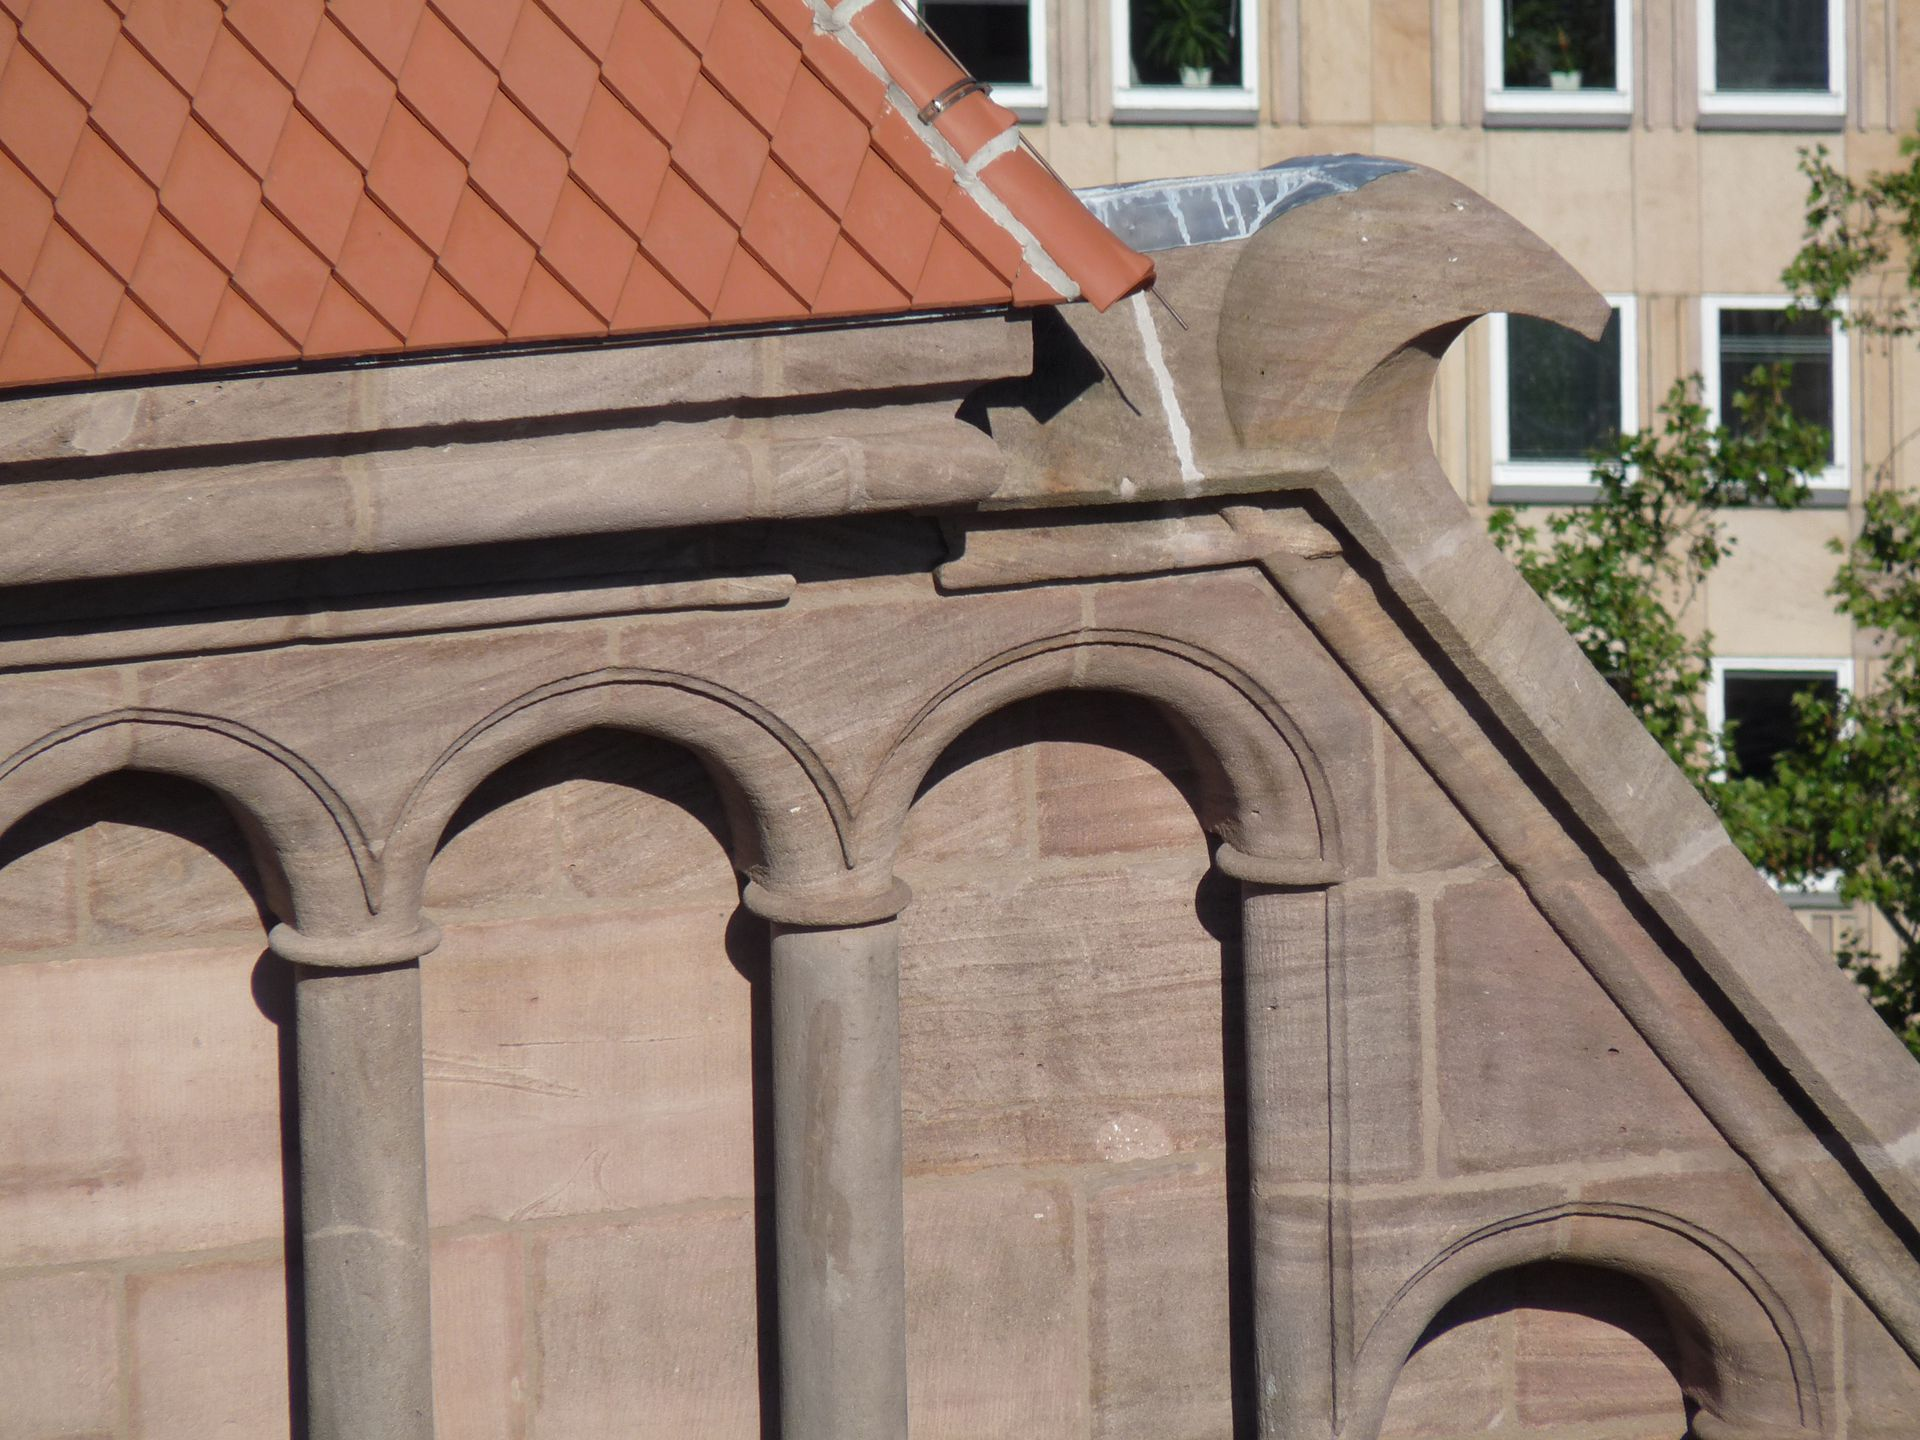 St. Lorenz, Hallenchor, Bauphase Jakob Grimm Westgiebel mit seitlicher Überstabung und Haken